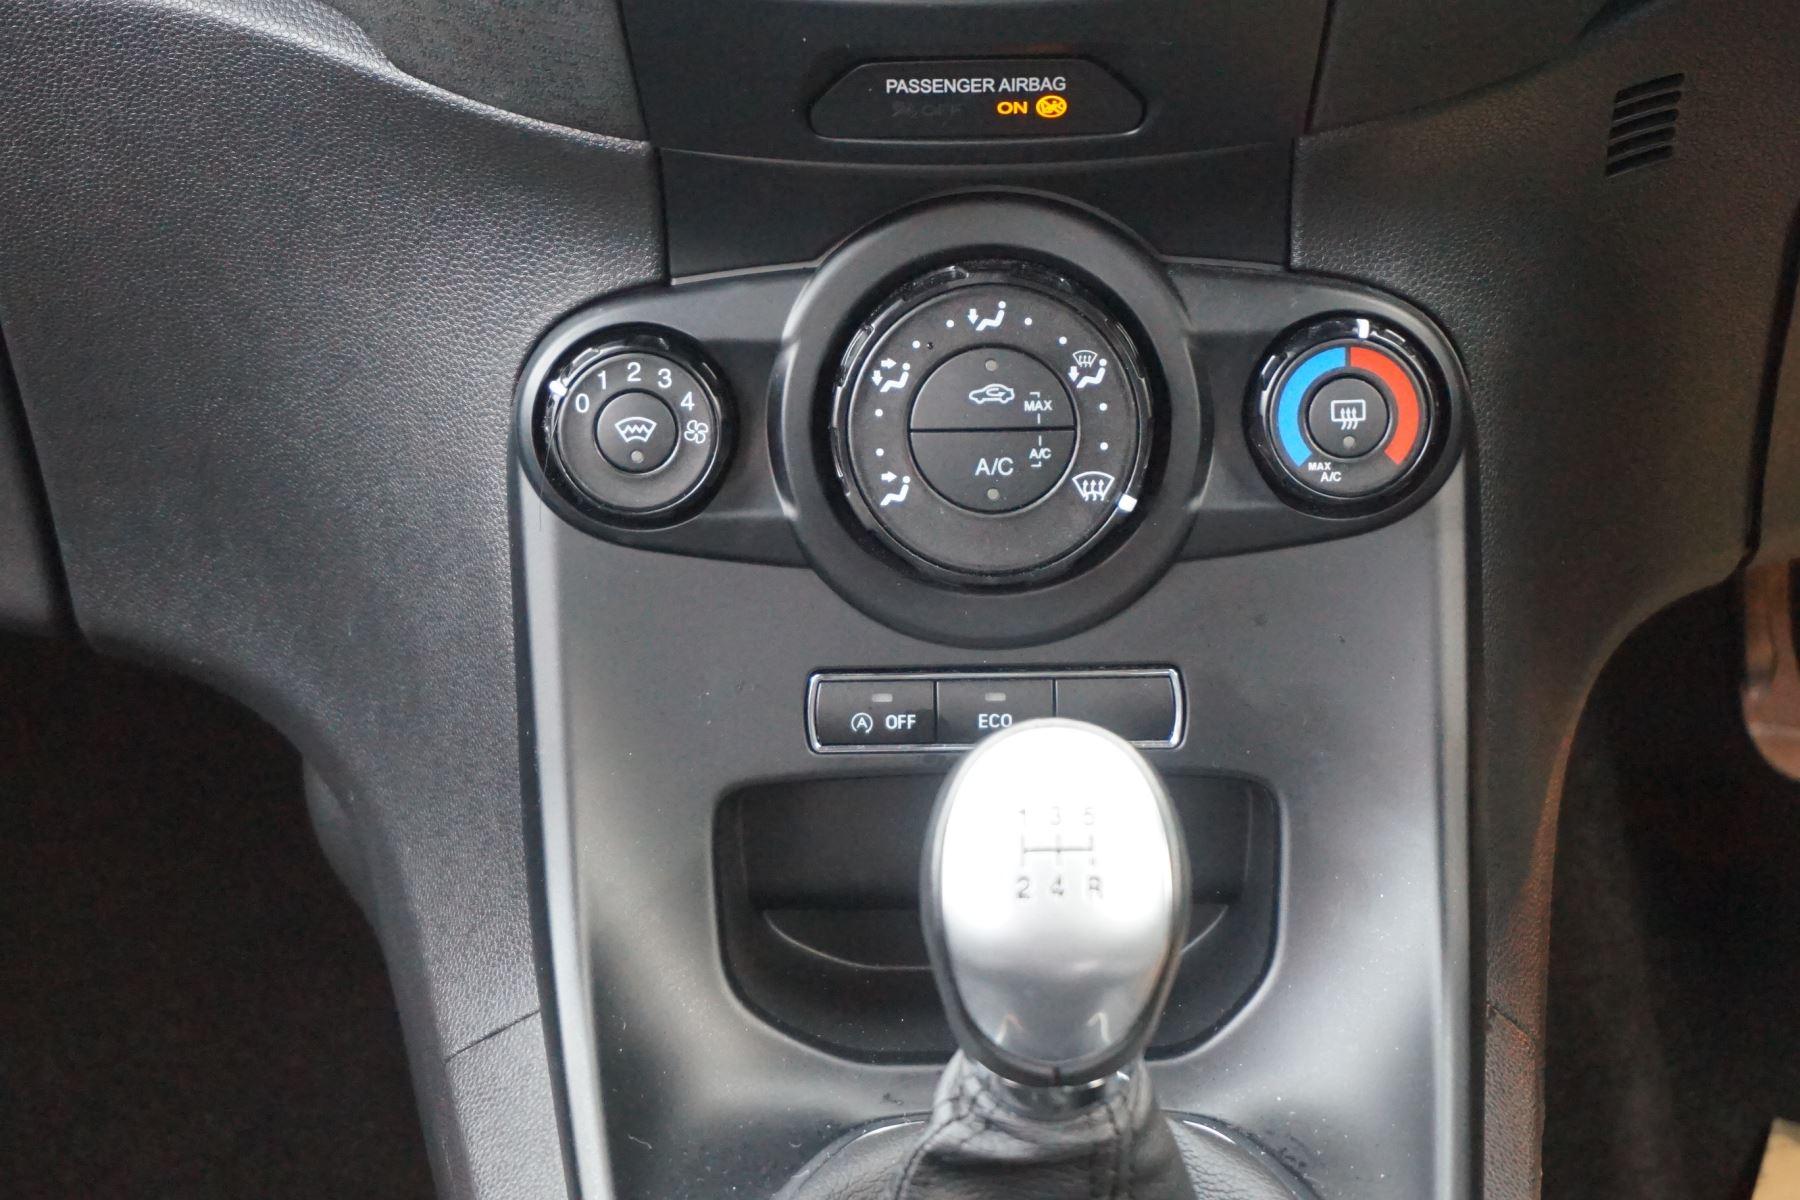 Ford Fiesta 1.0 EcoBoost 125 ST-Line 5dr image 12